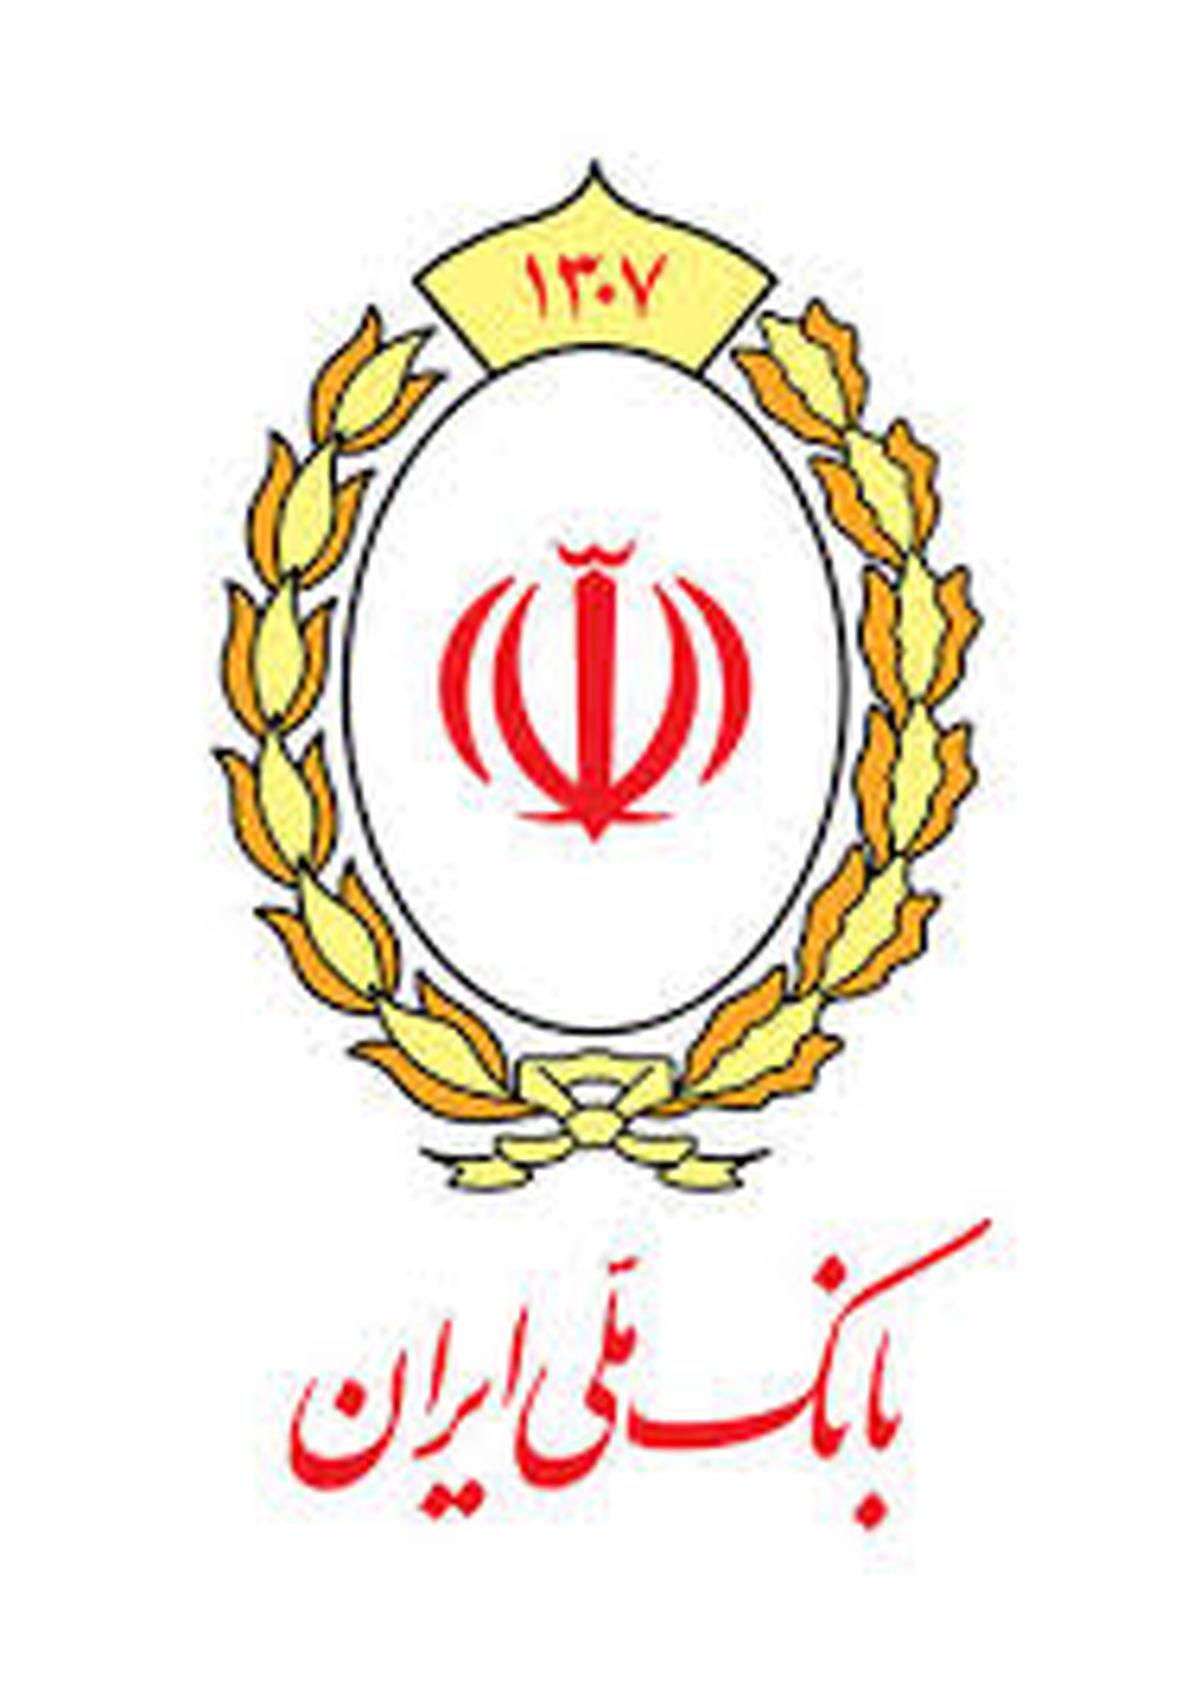 ماه مهر و مهر بانک ملی ایران برای جوانان